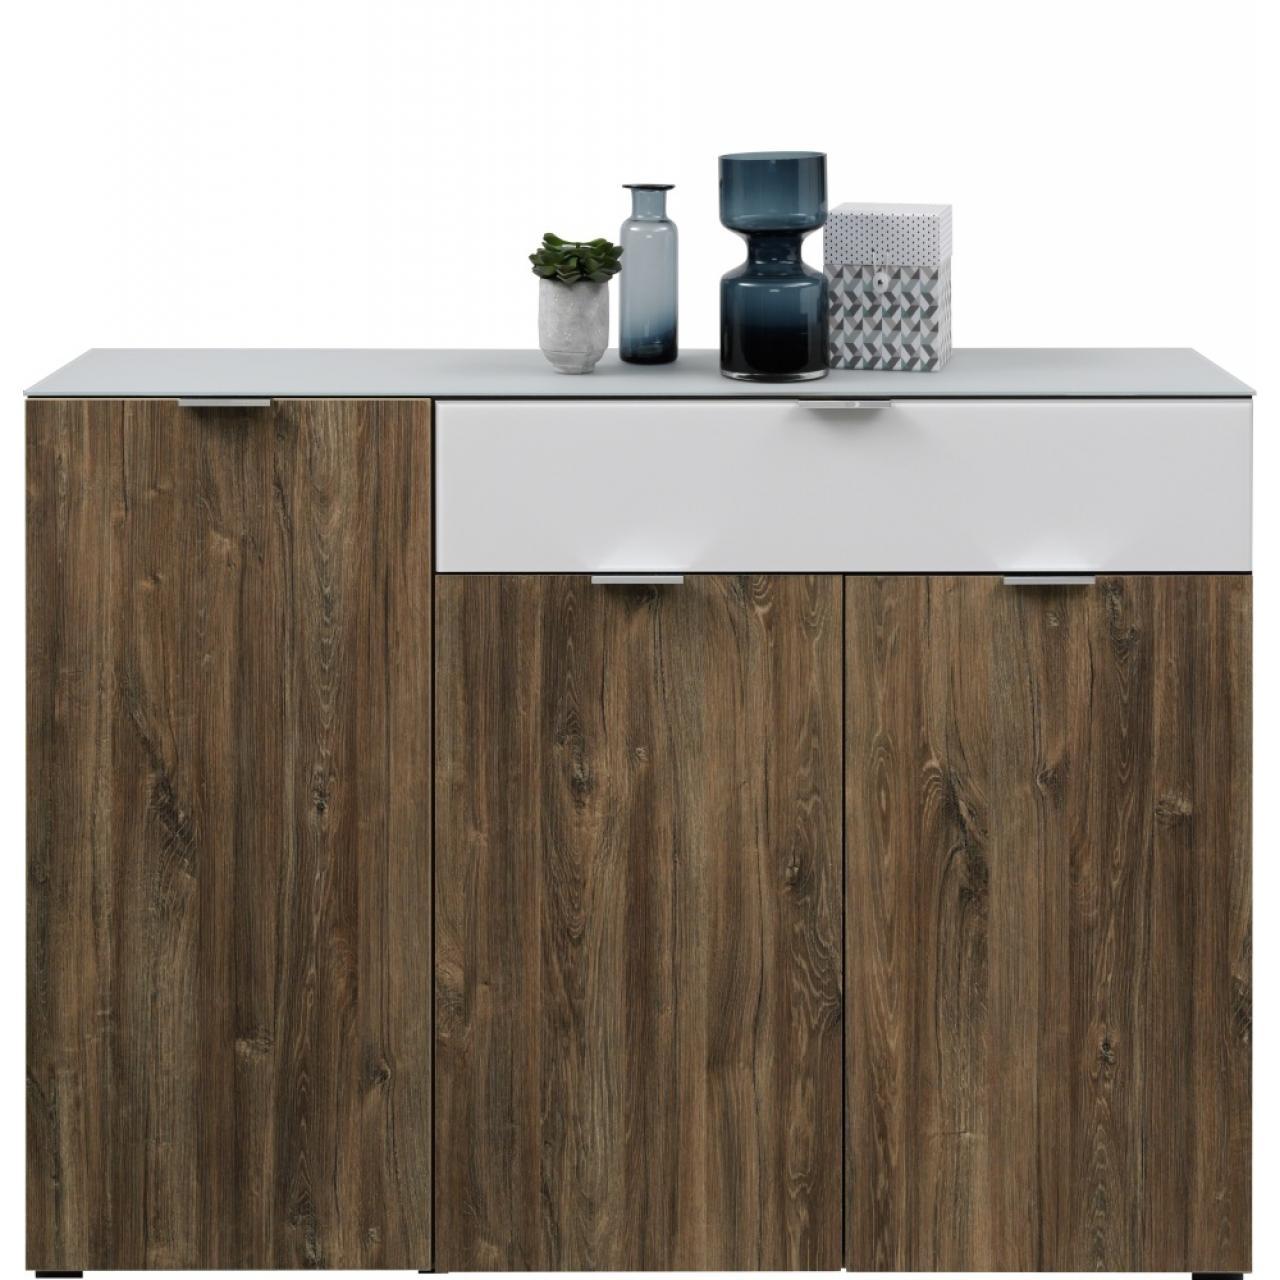 kommode solo 6300 stirling eiche kommoden wohnzimmerm bel wohnen m bel j hnichen. Black Bedroom Furniture Sets. Home Design Ideas